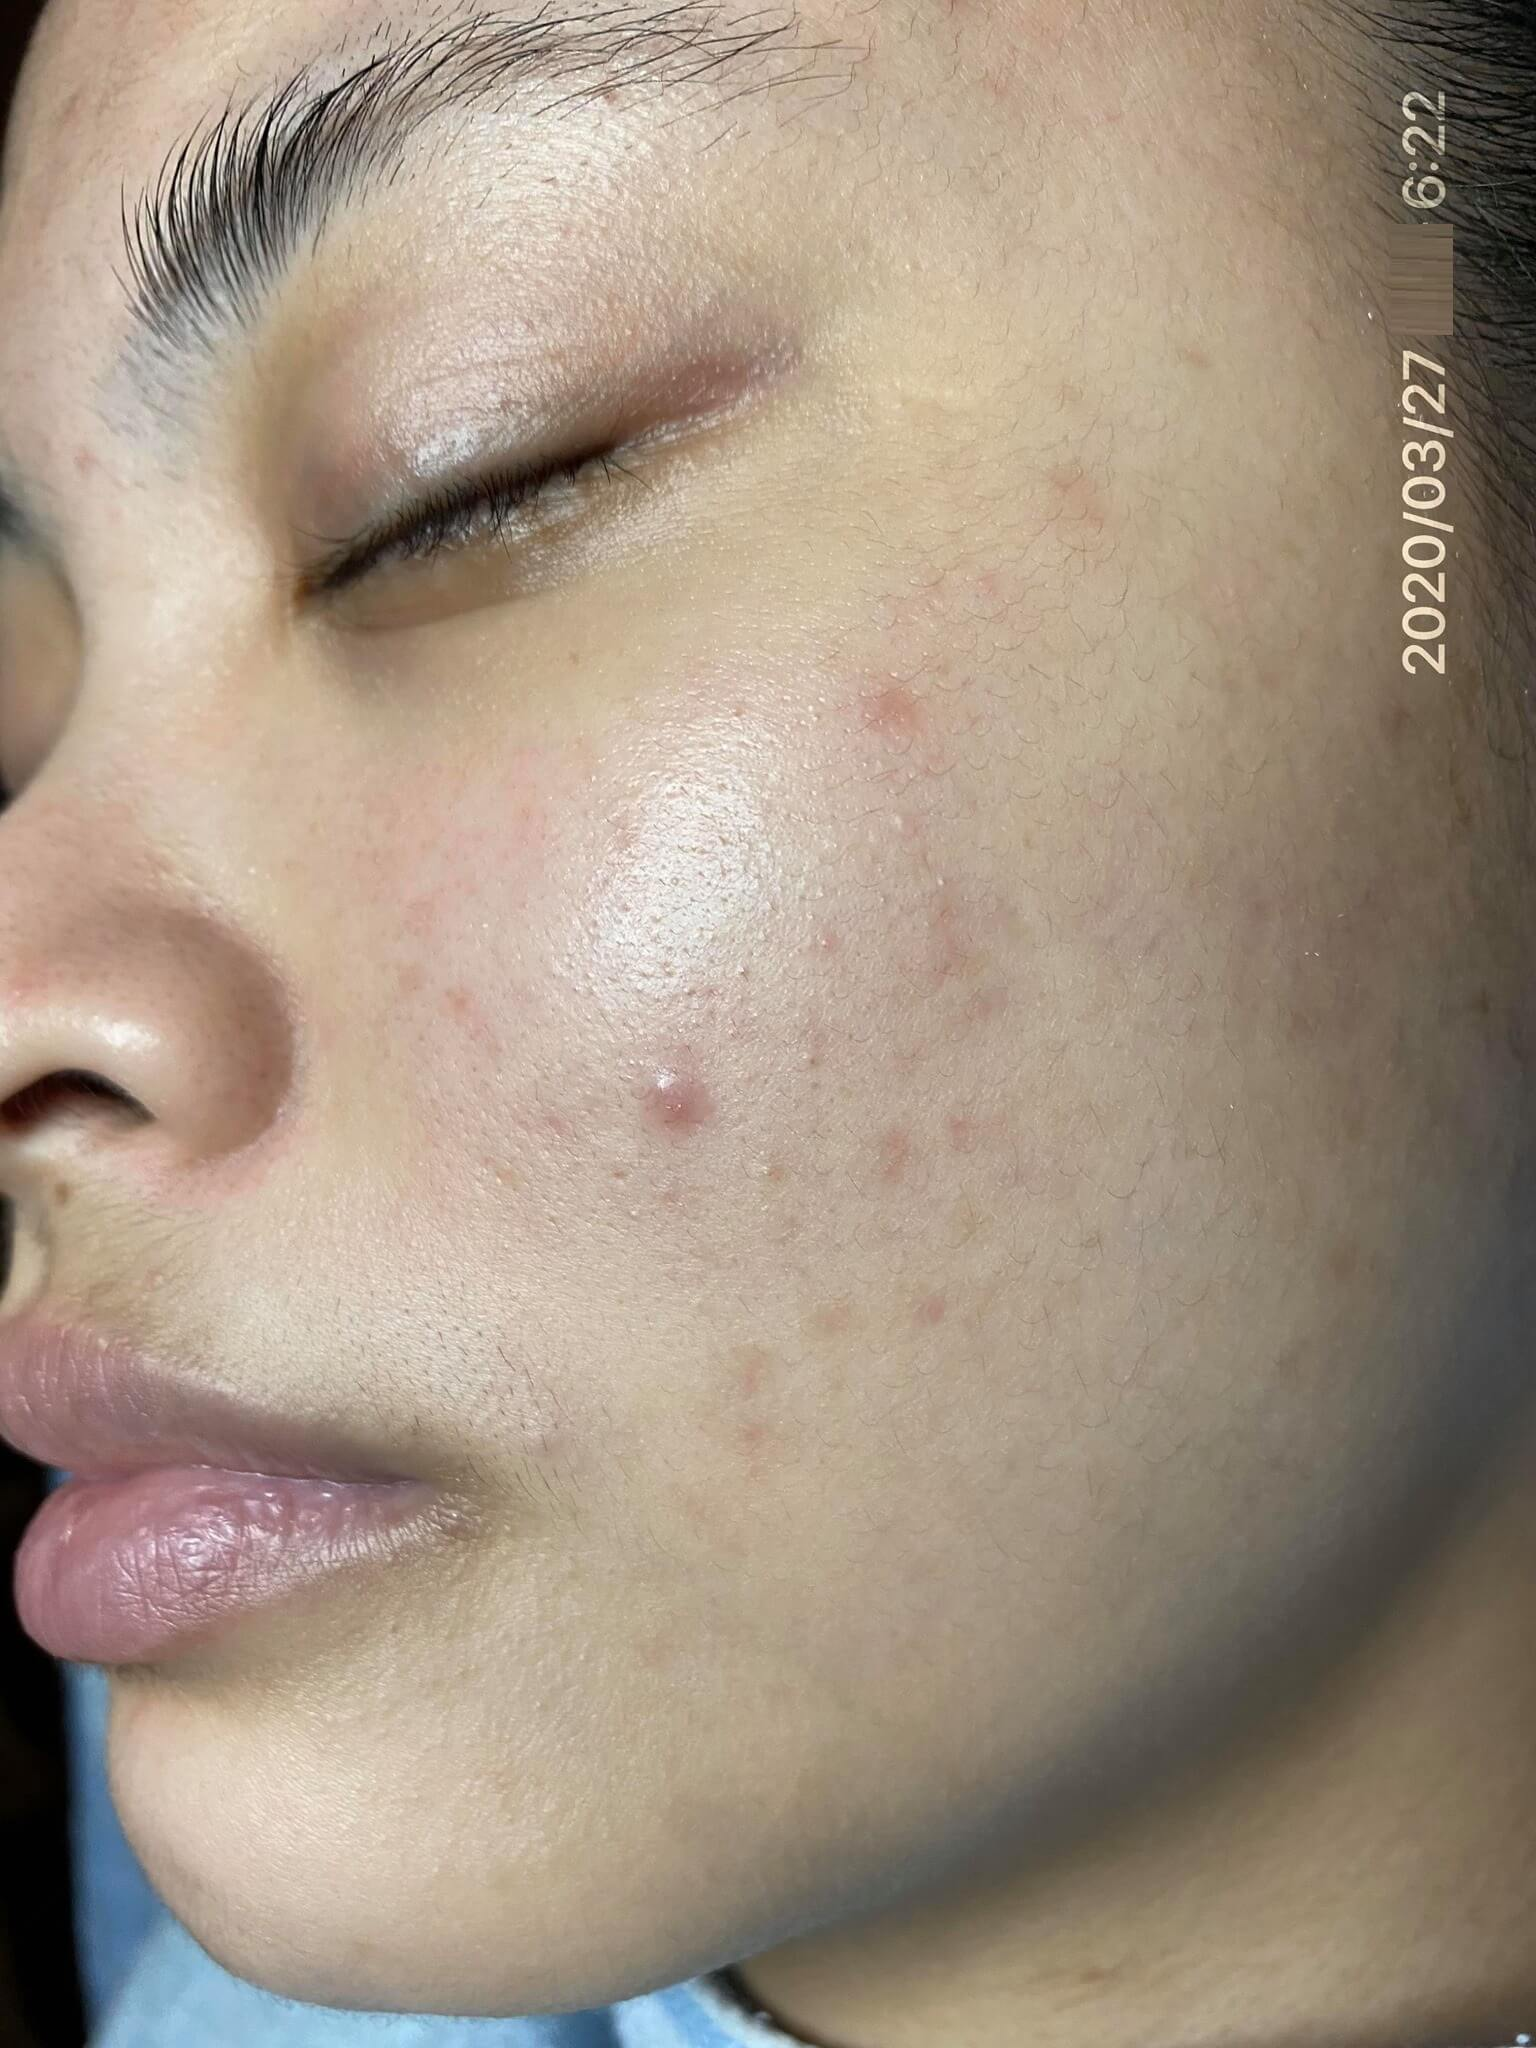 Mụn trên da tối cải thiện rất nhiều chì sau thời gian ngắn sử dụng Goldskin